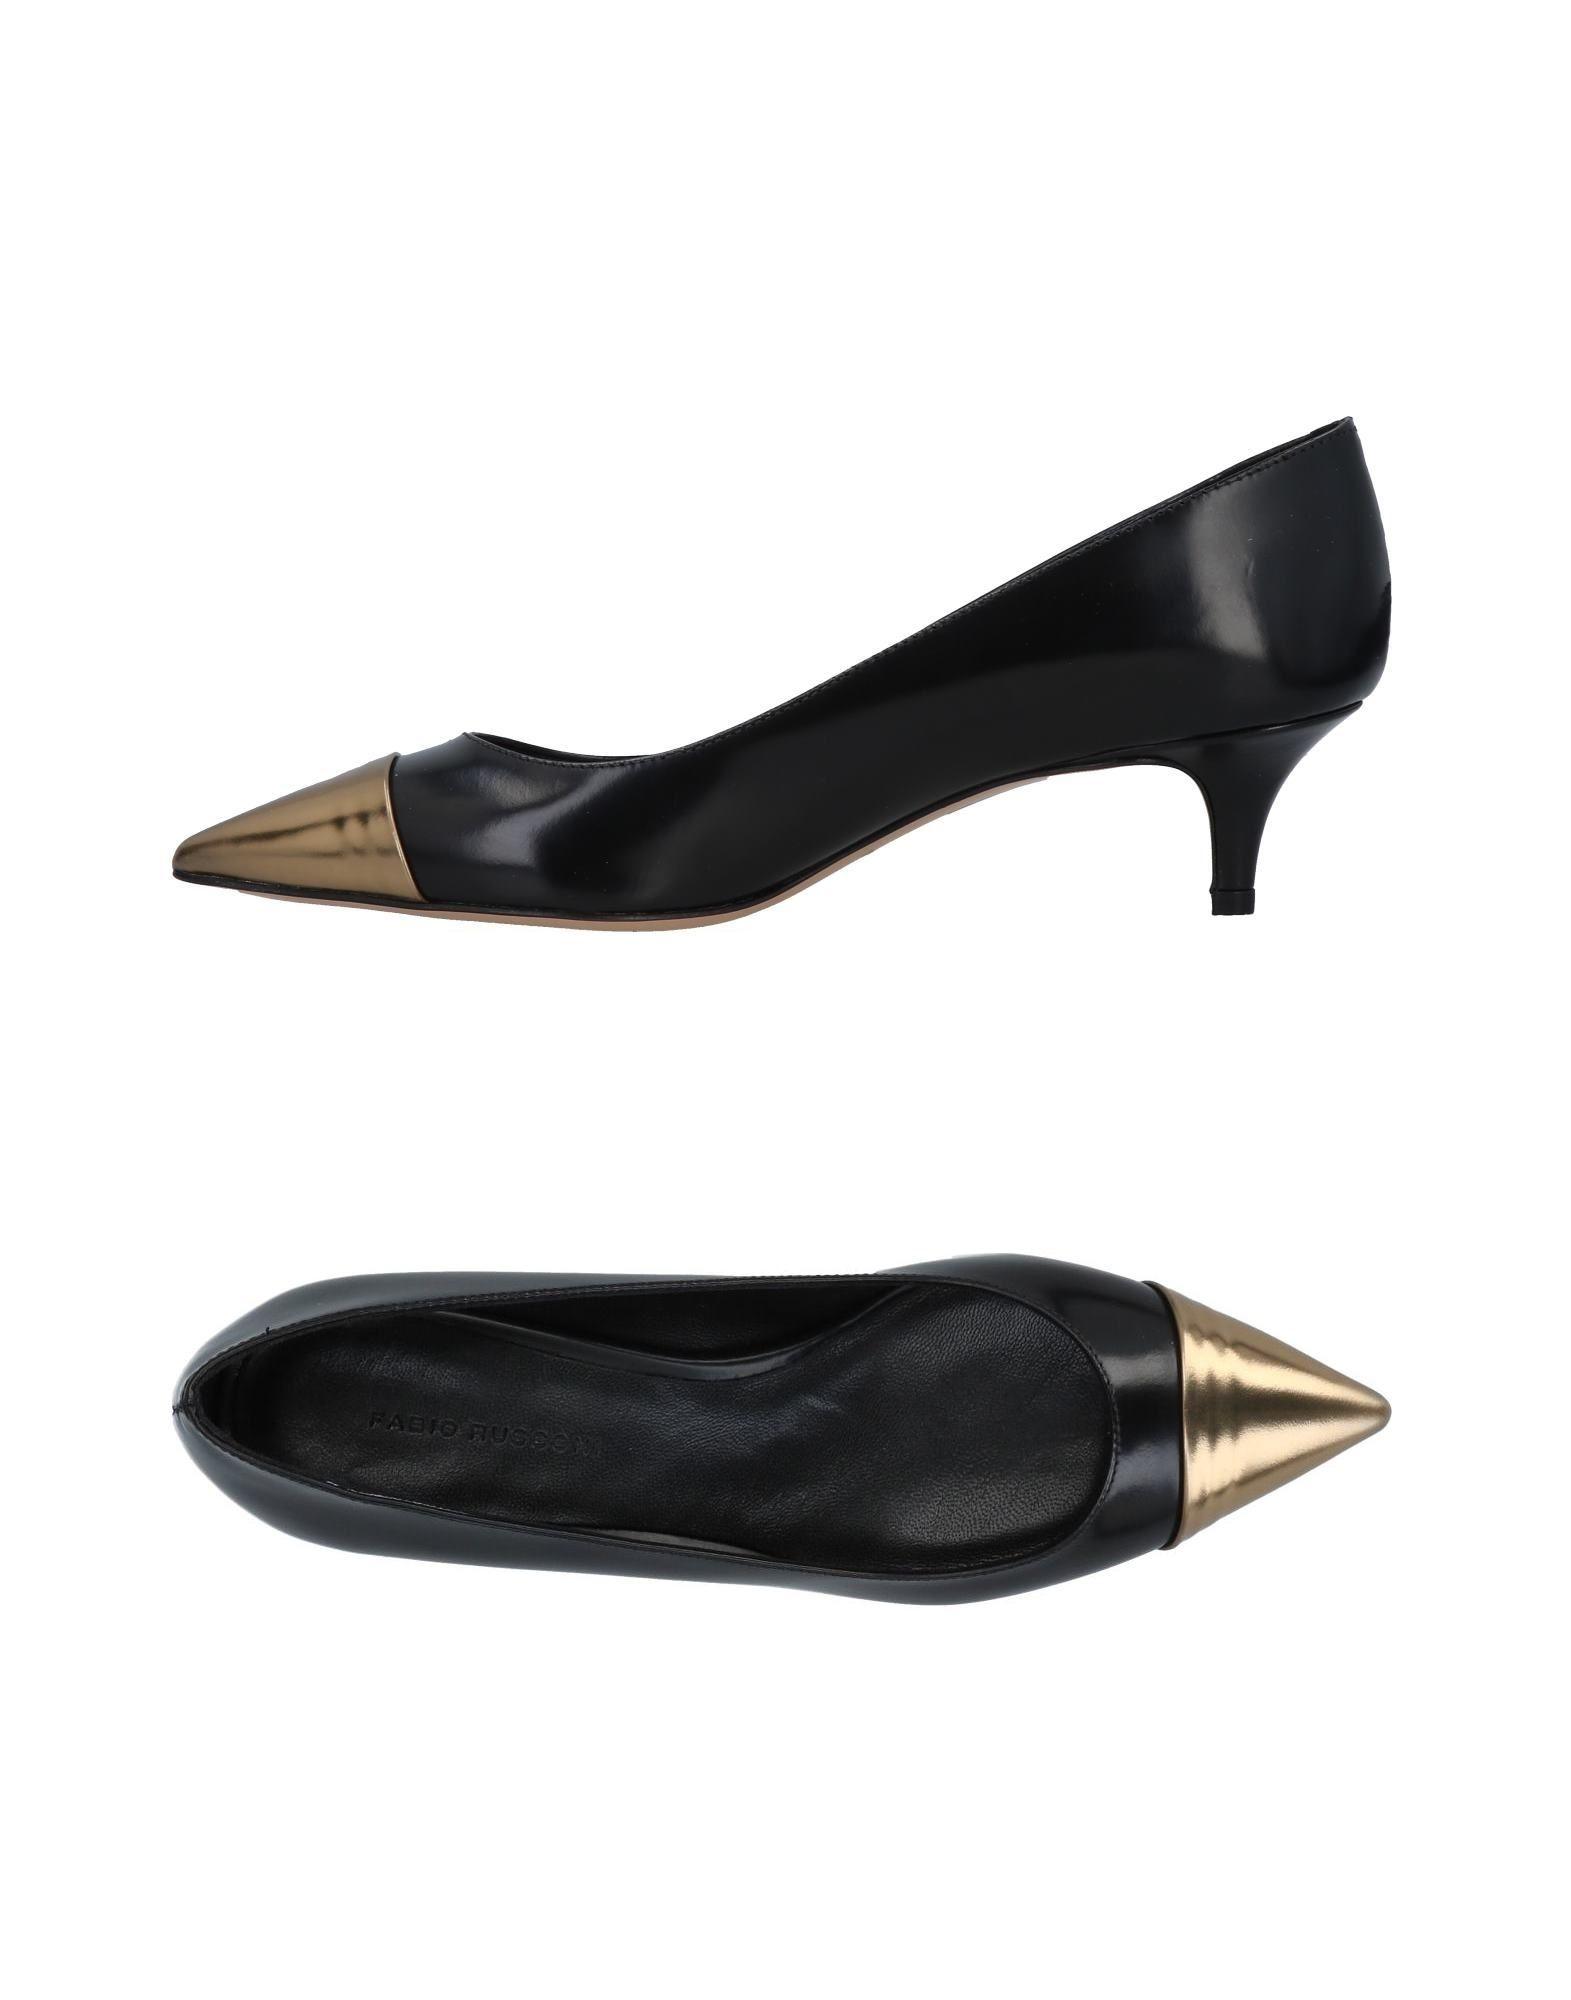 Fabio Rusconi Gute Pumps Damen  11493310HL Gute Rusconi Qualität beliebte Schuhe 643a21